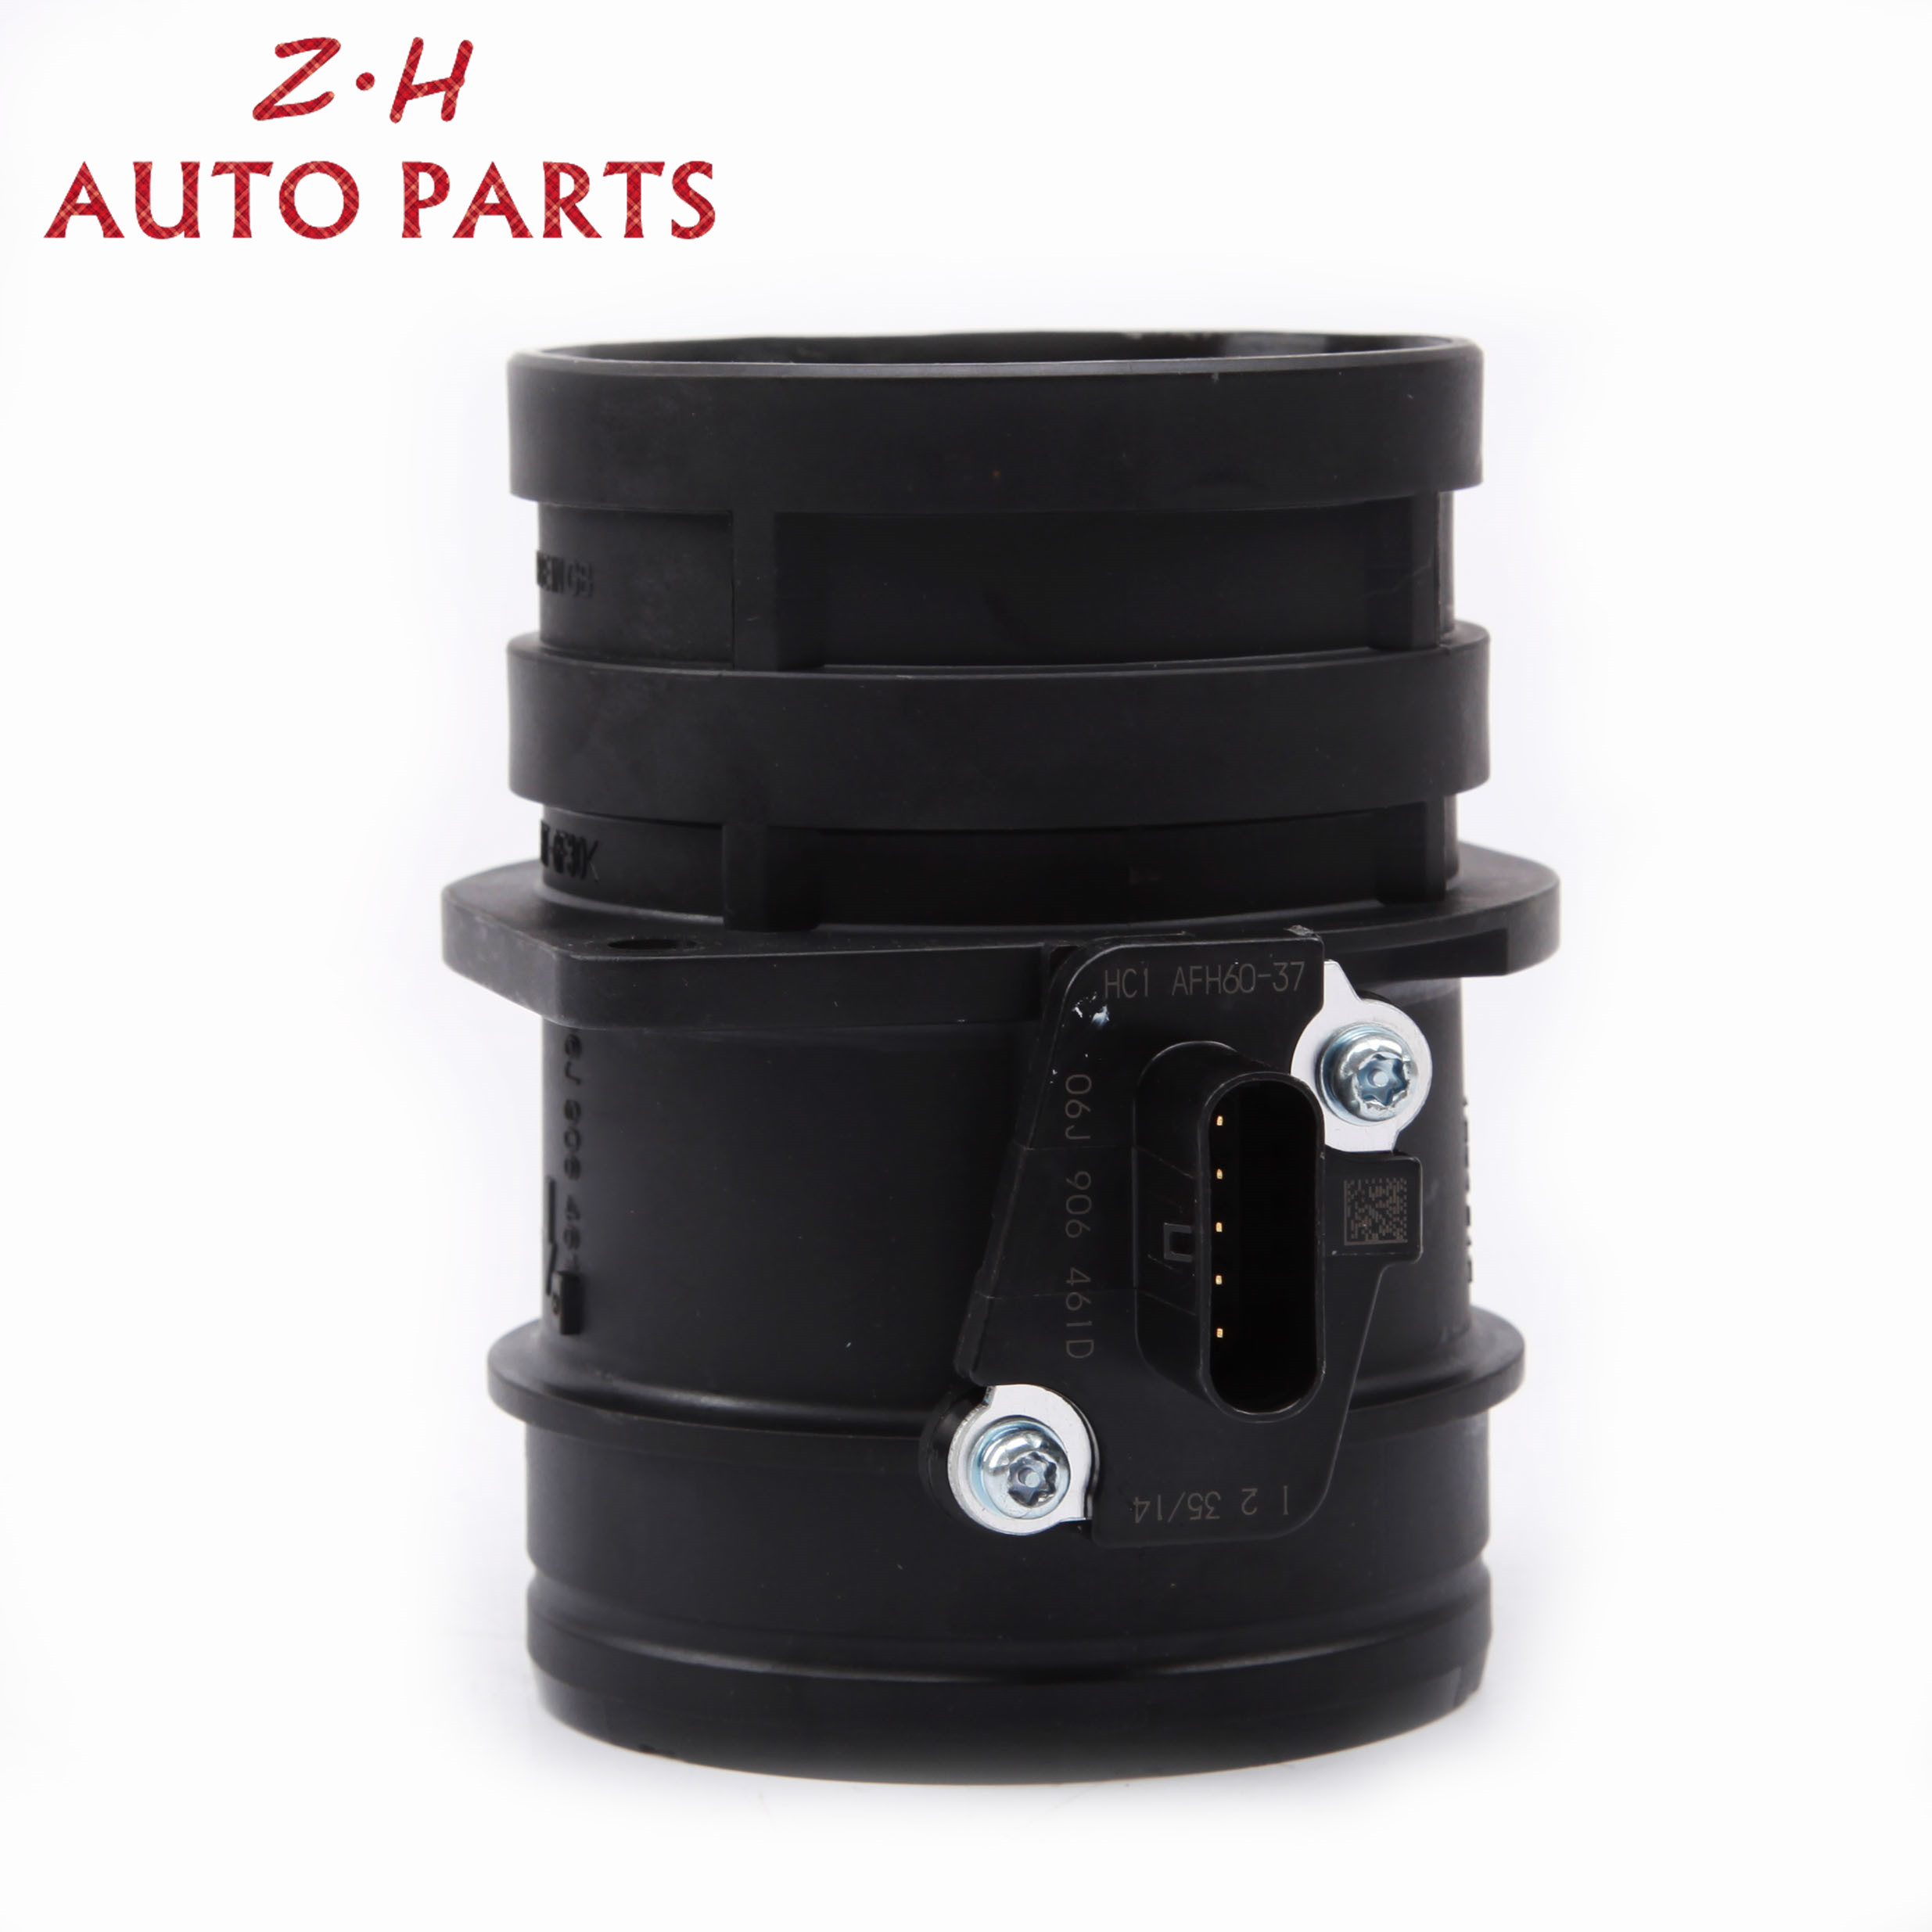 MAF Mass Air Flow Sensor Meter For Audi A4 A4 Quattro Avant Base A5 Quattro A6